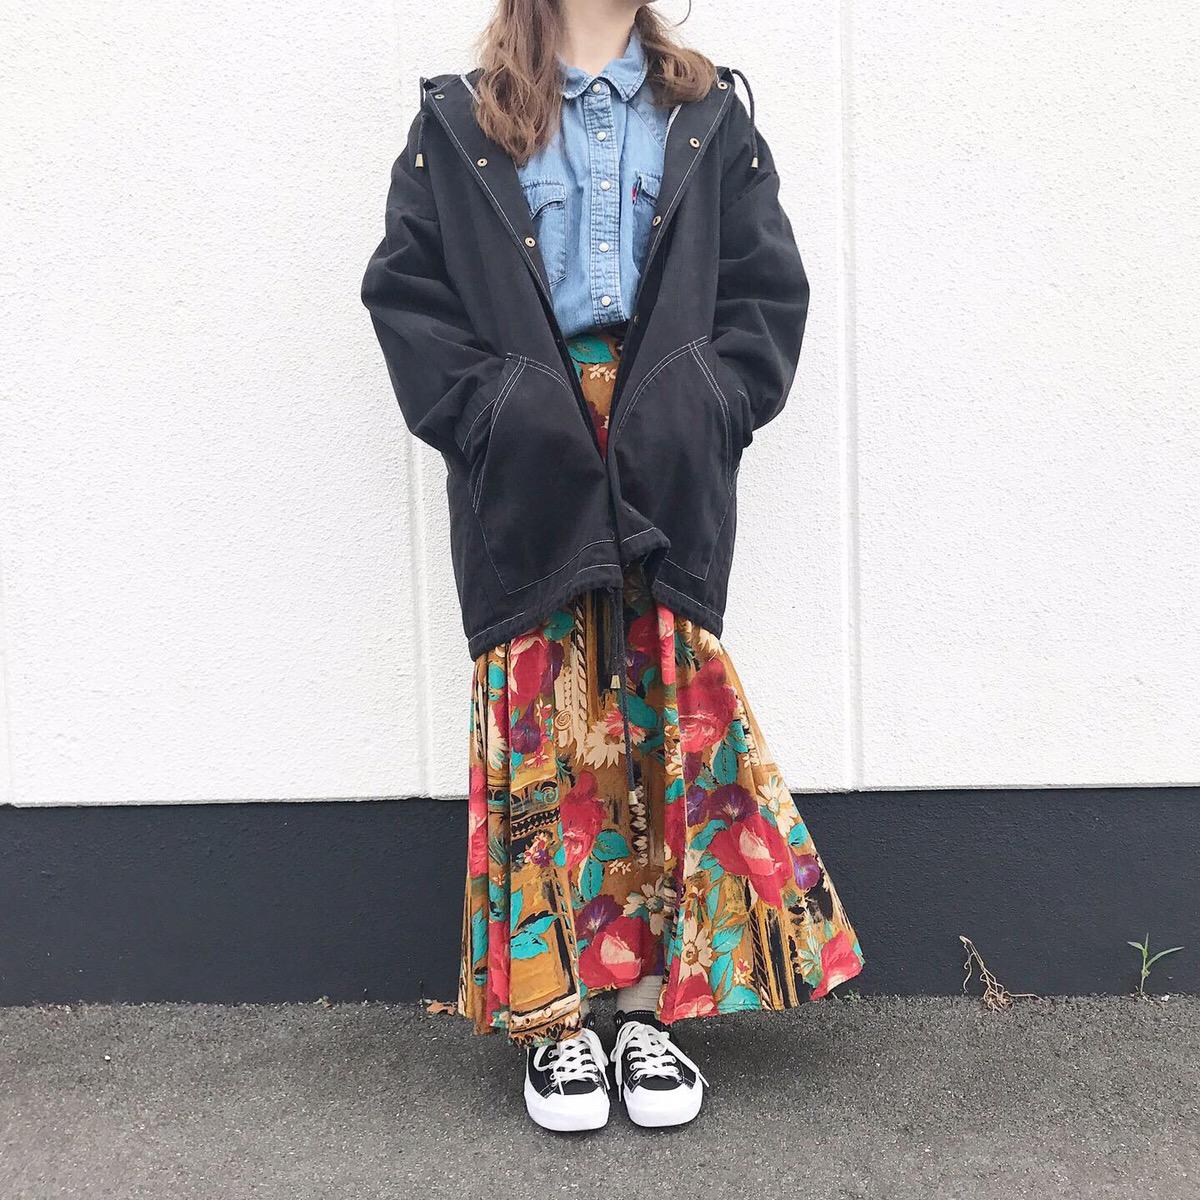 80'sビンテージスカートとぶかっとアウターの大人コーデ